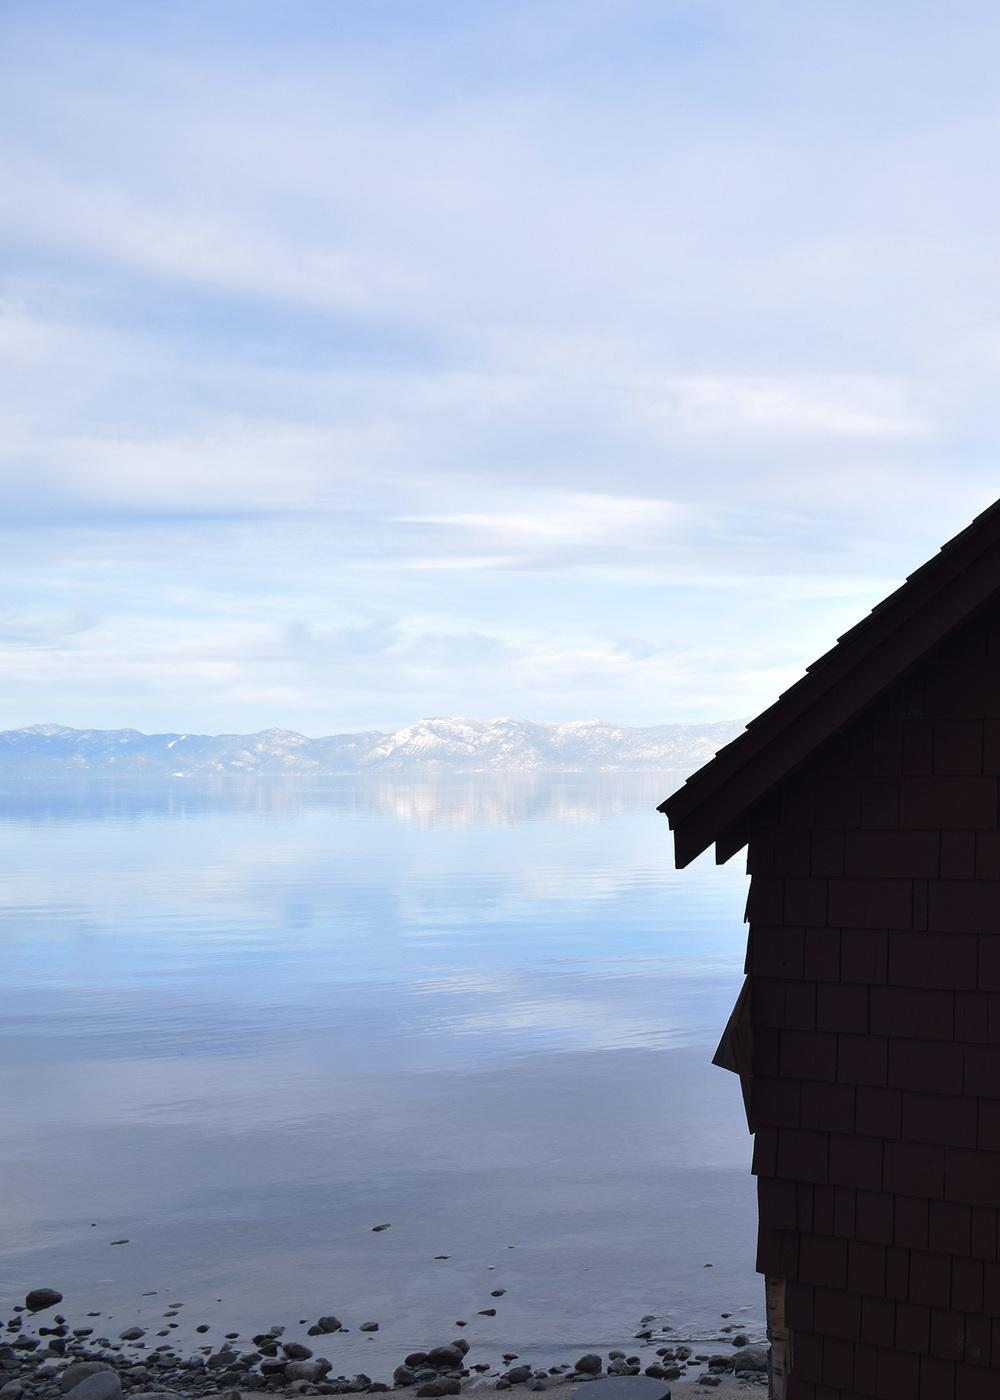 lake-tahoe-sugar-pine-point-hike-boat-house.jpg